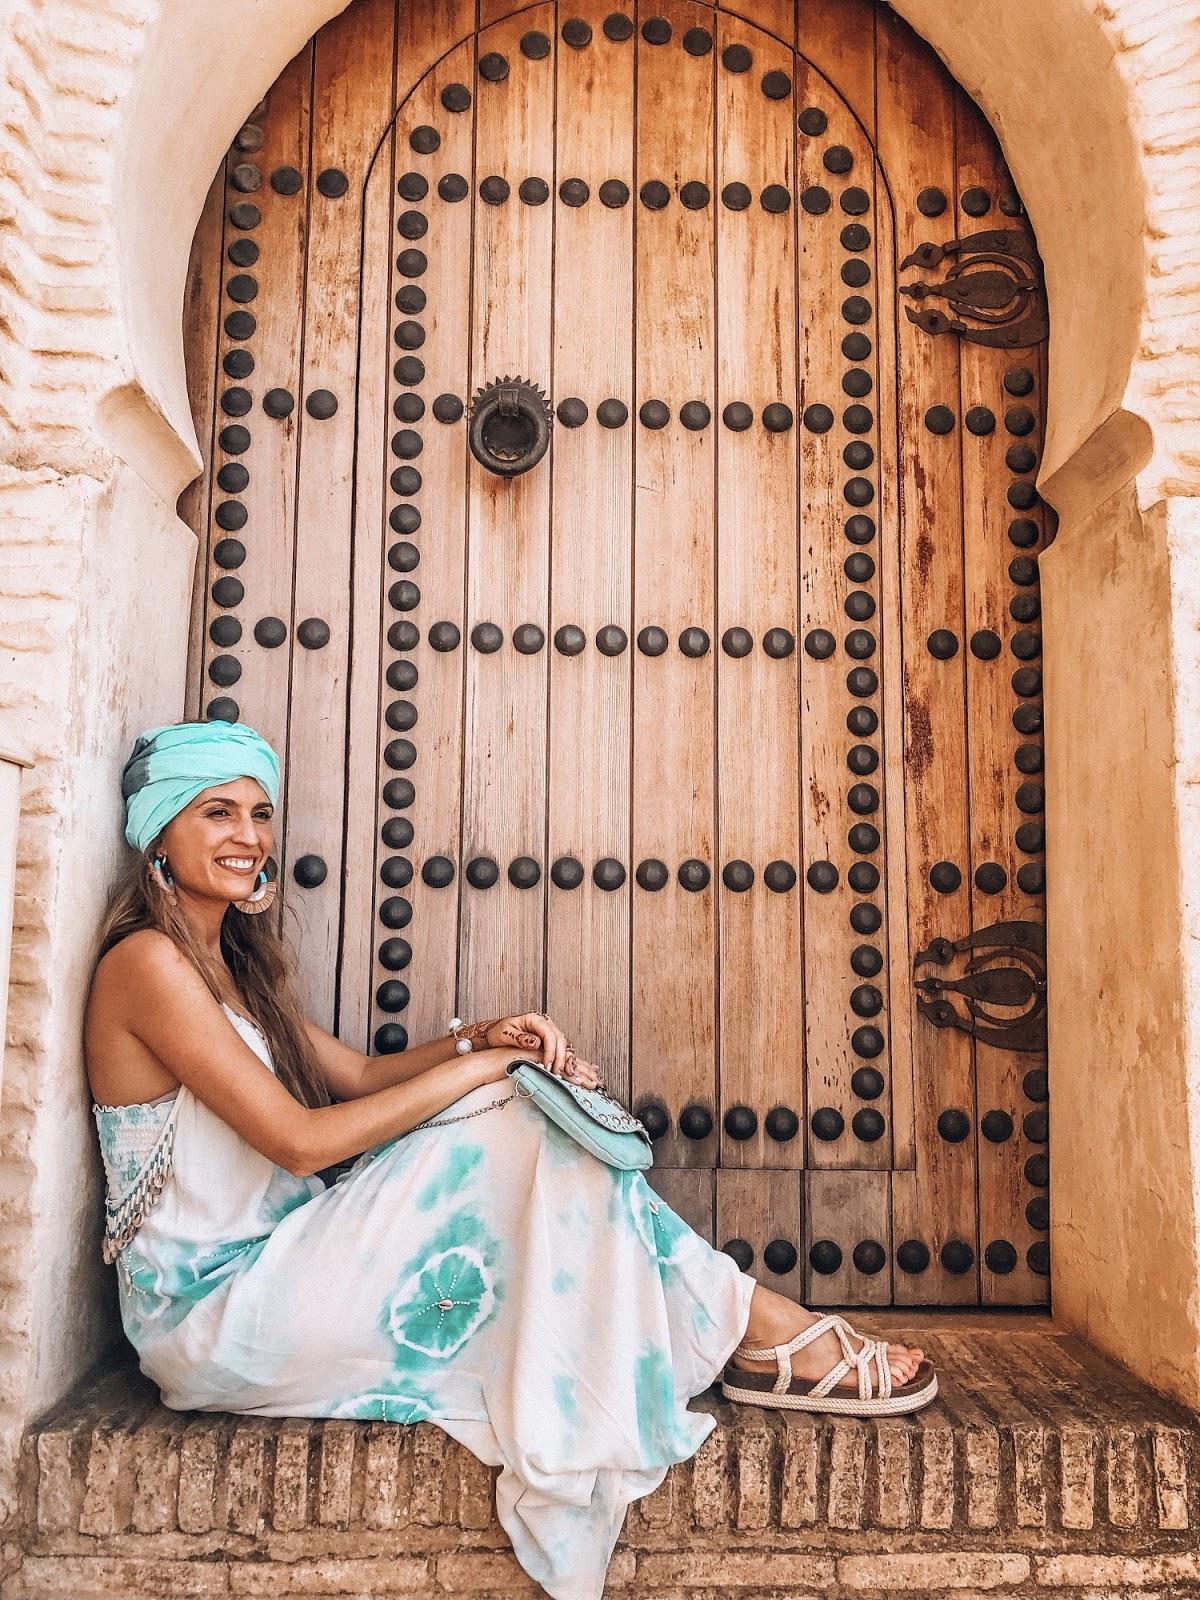 viaje por Marruecos 9 días